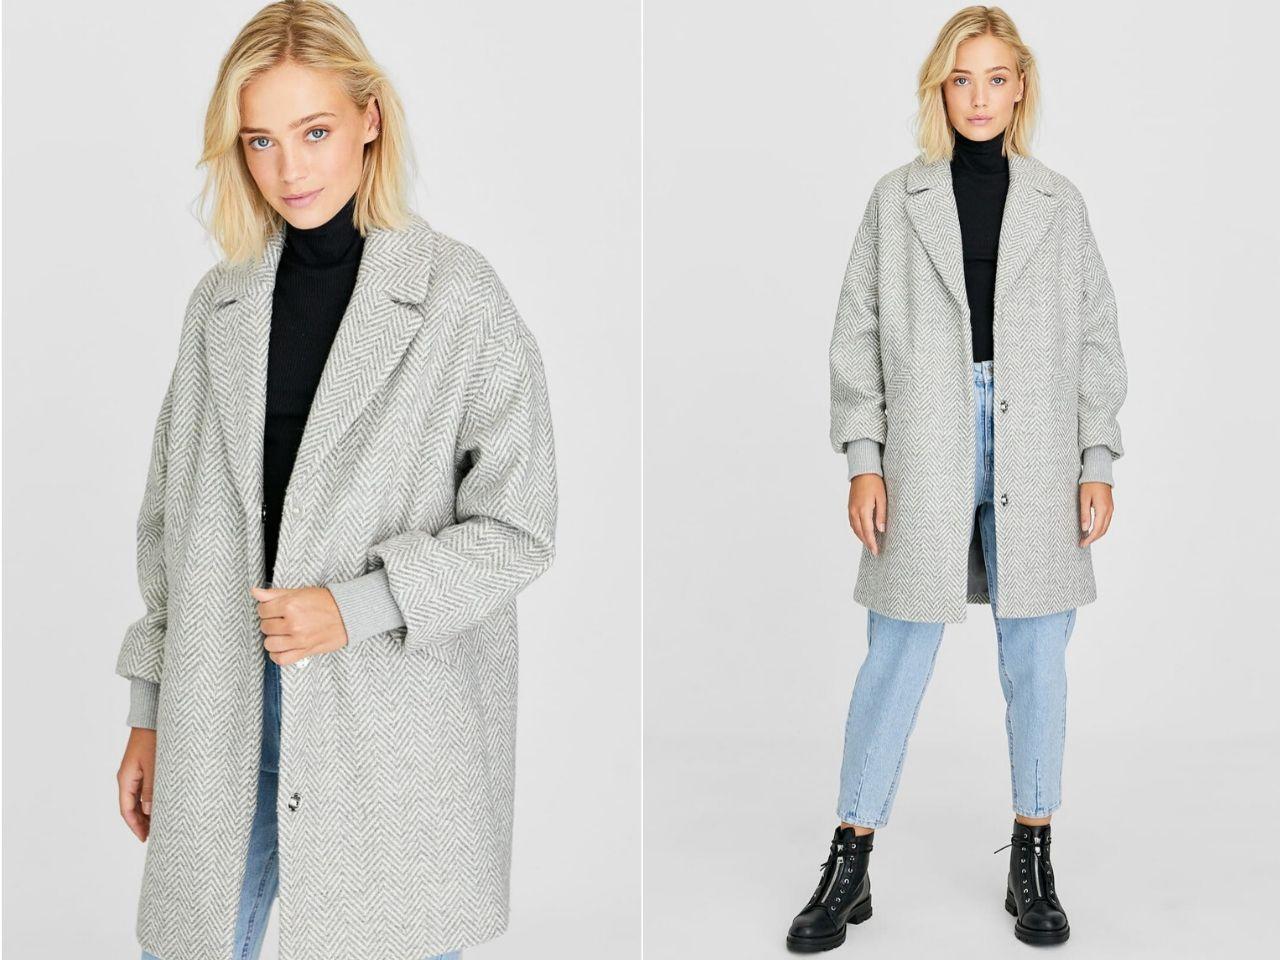 áo khoác len dài - áo khoác thu đông